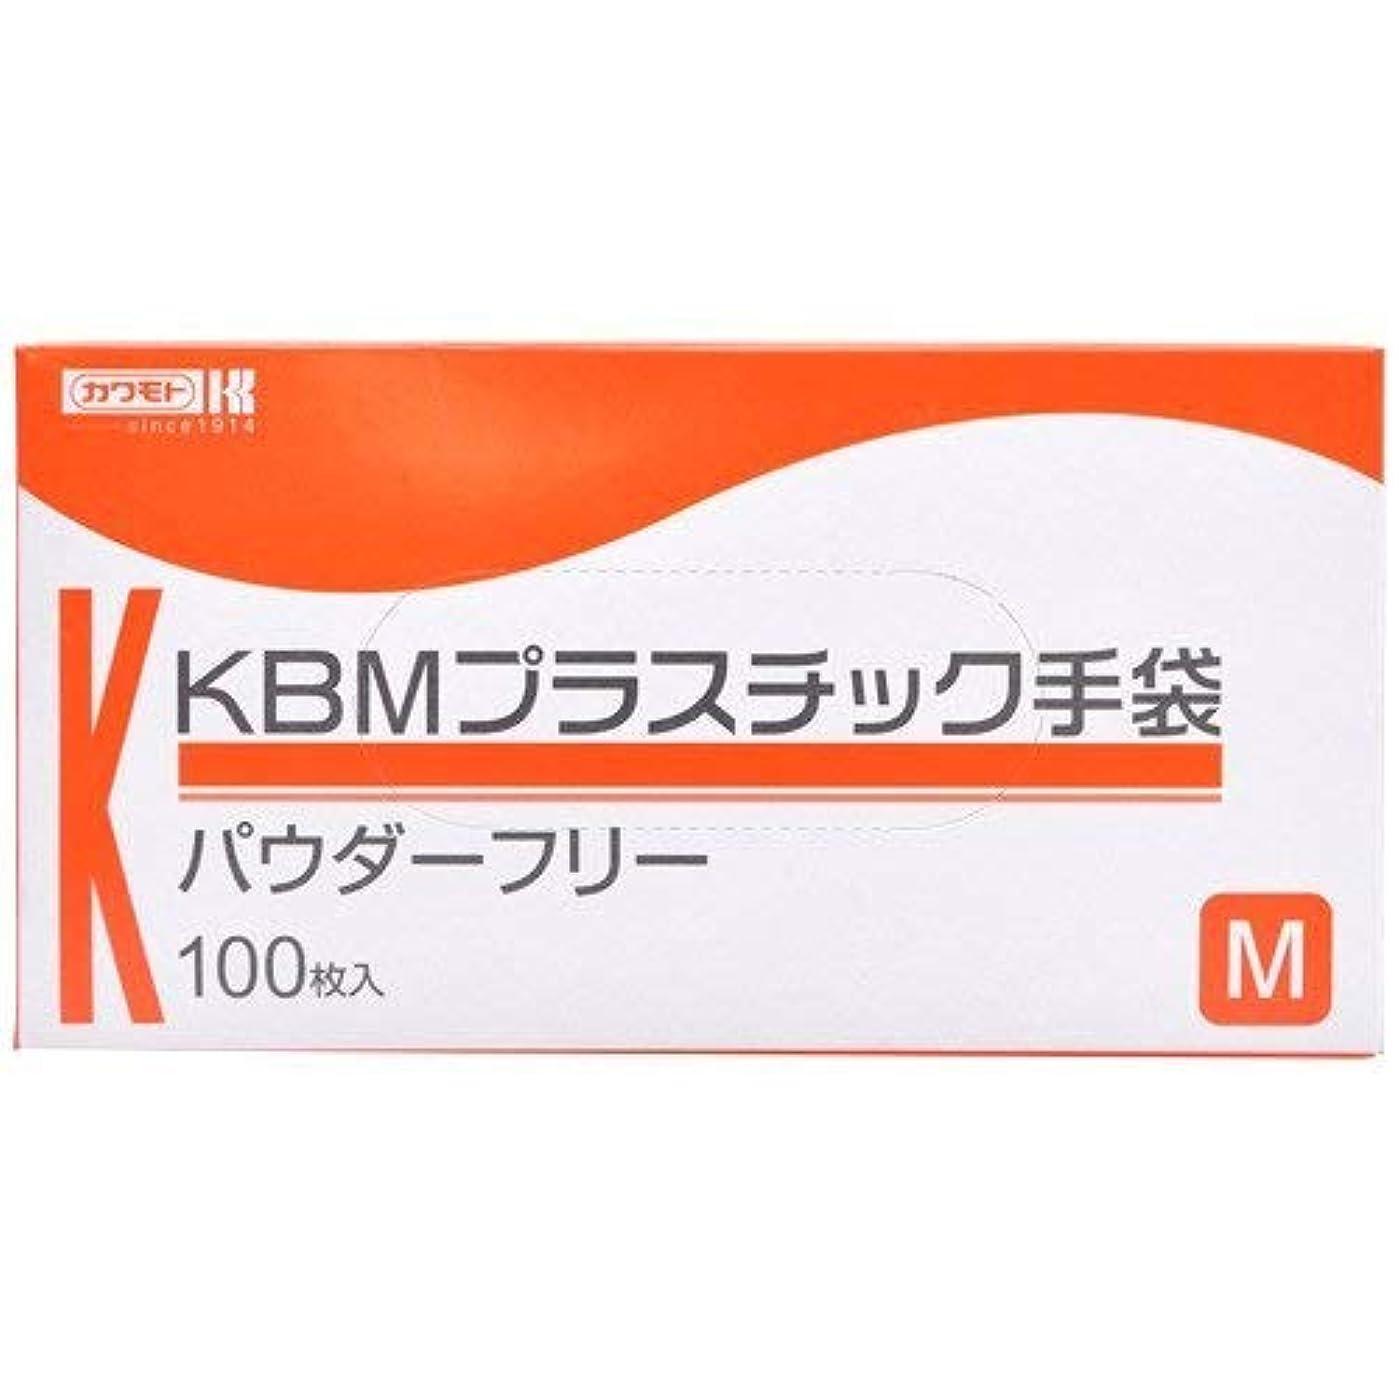 偽善者昨日に慣れ川本産業 KBMプラスチック手袋 パウダーフリー M 100枚入 ×2個